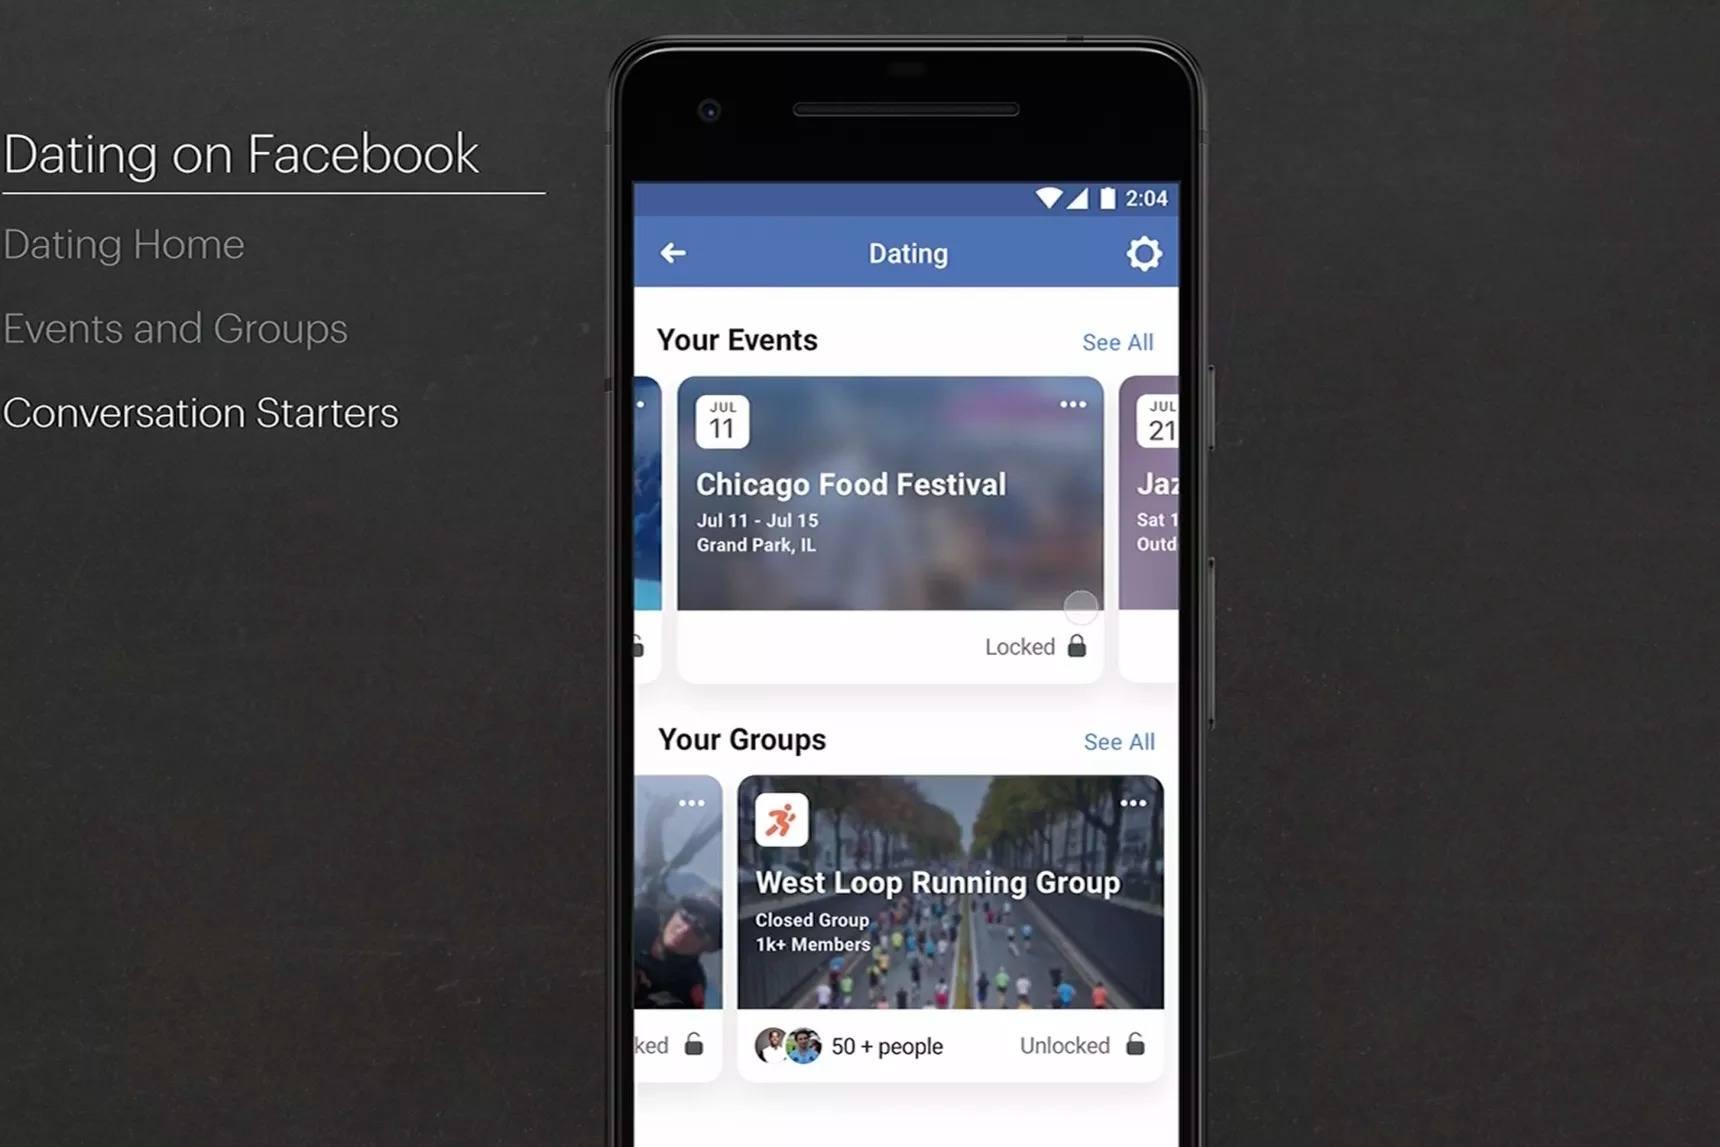 Facebook çöpçatan servisinin testlerinde kapsama alanını genişletiyor